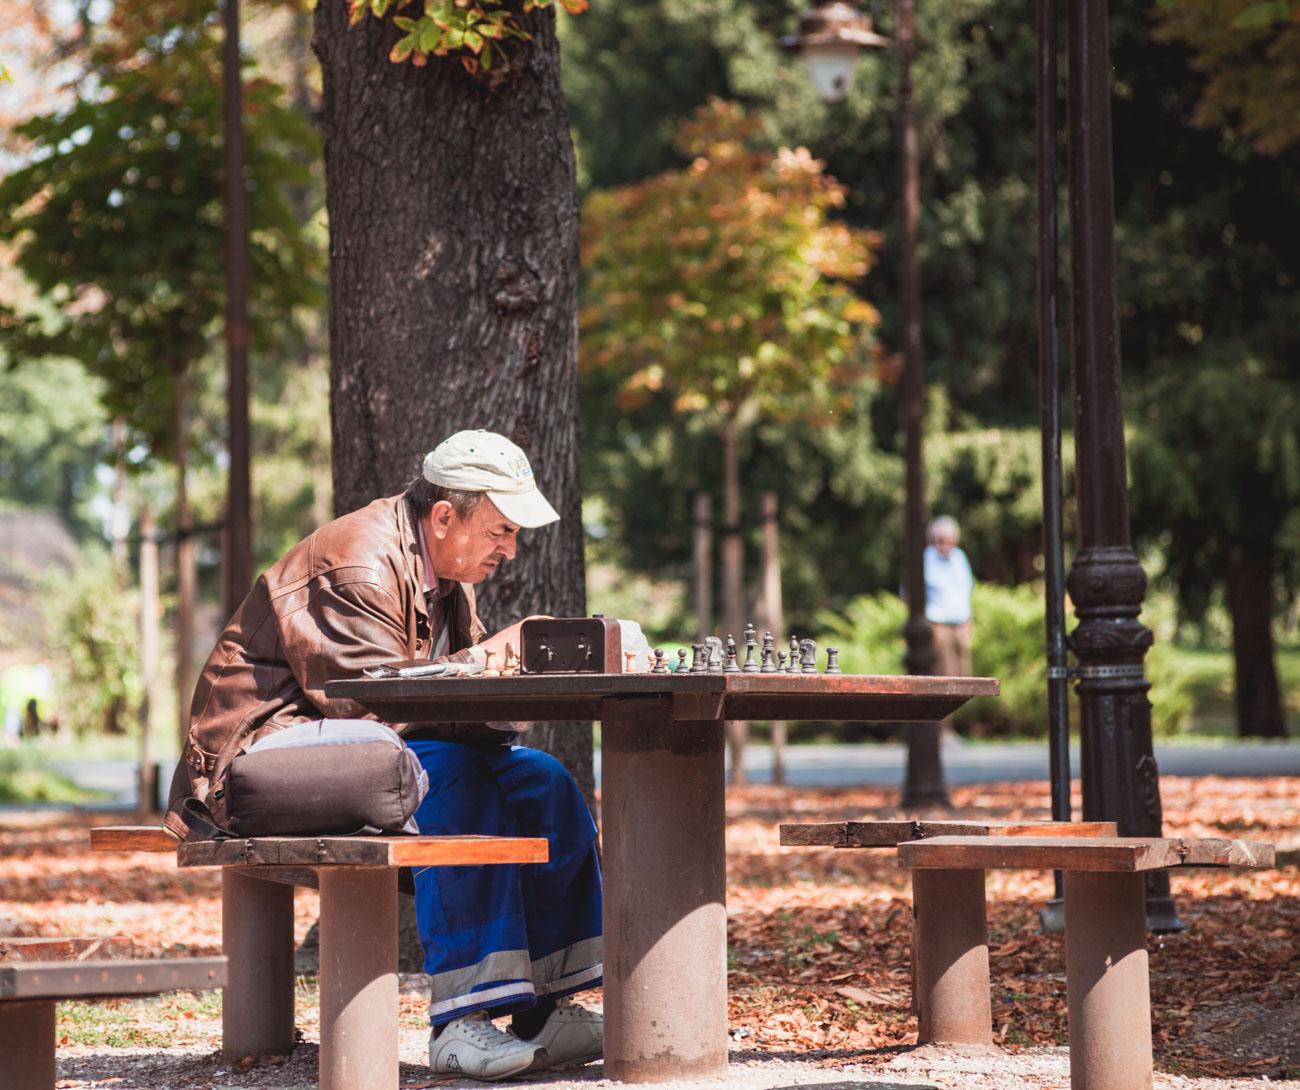 Belgrad Kalemegdan szachista w parku